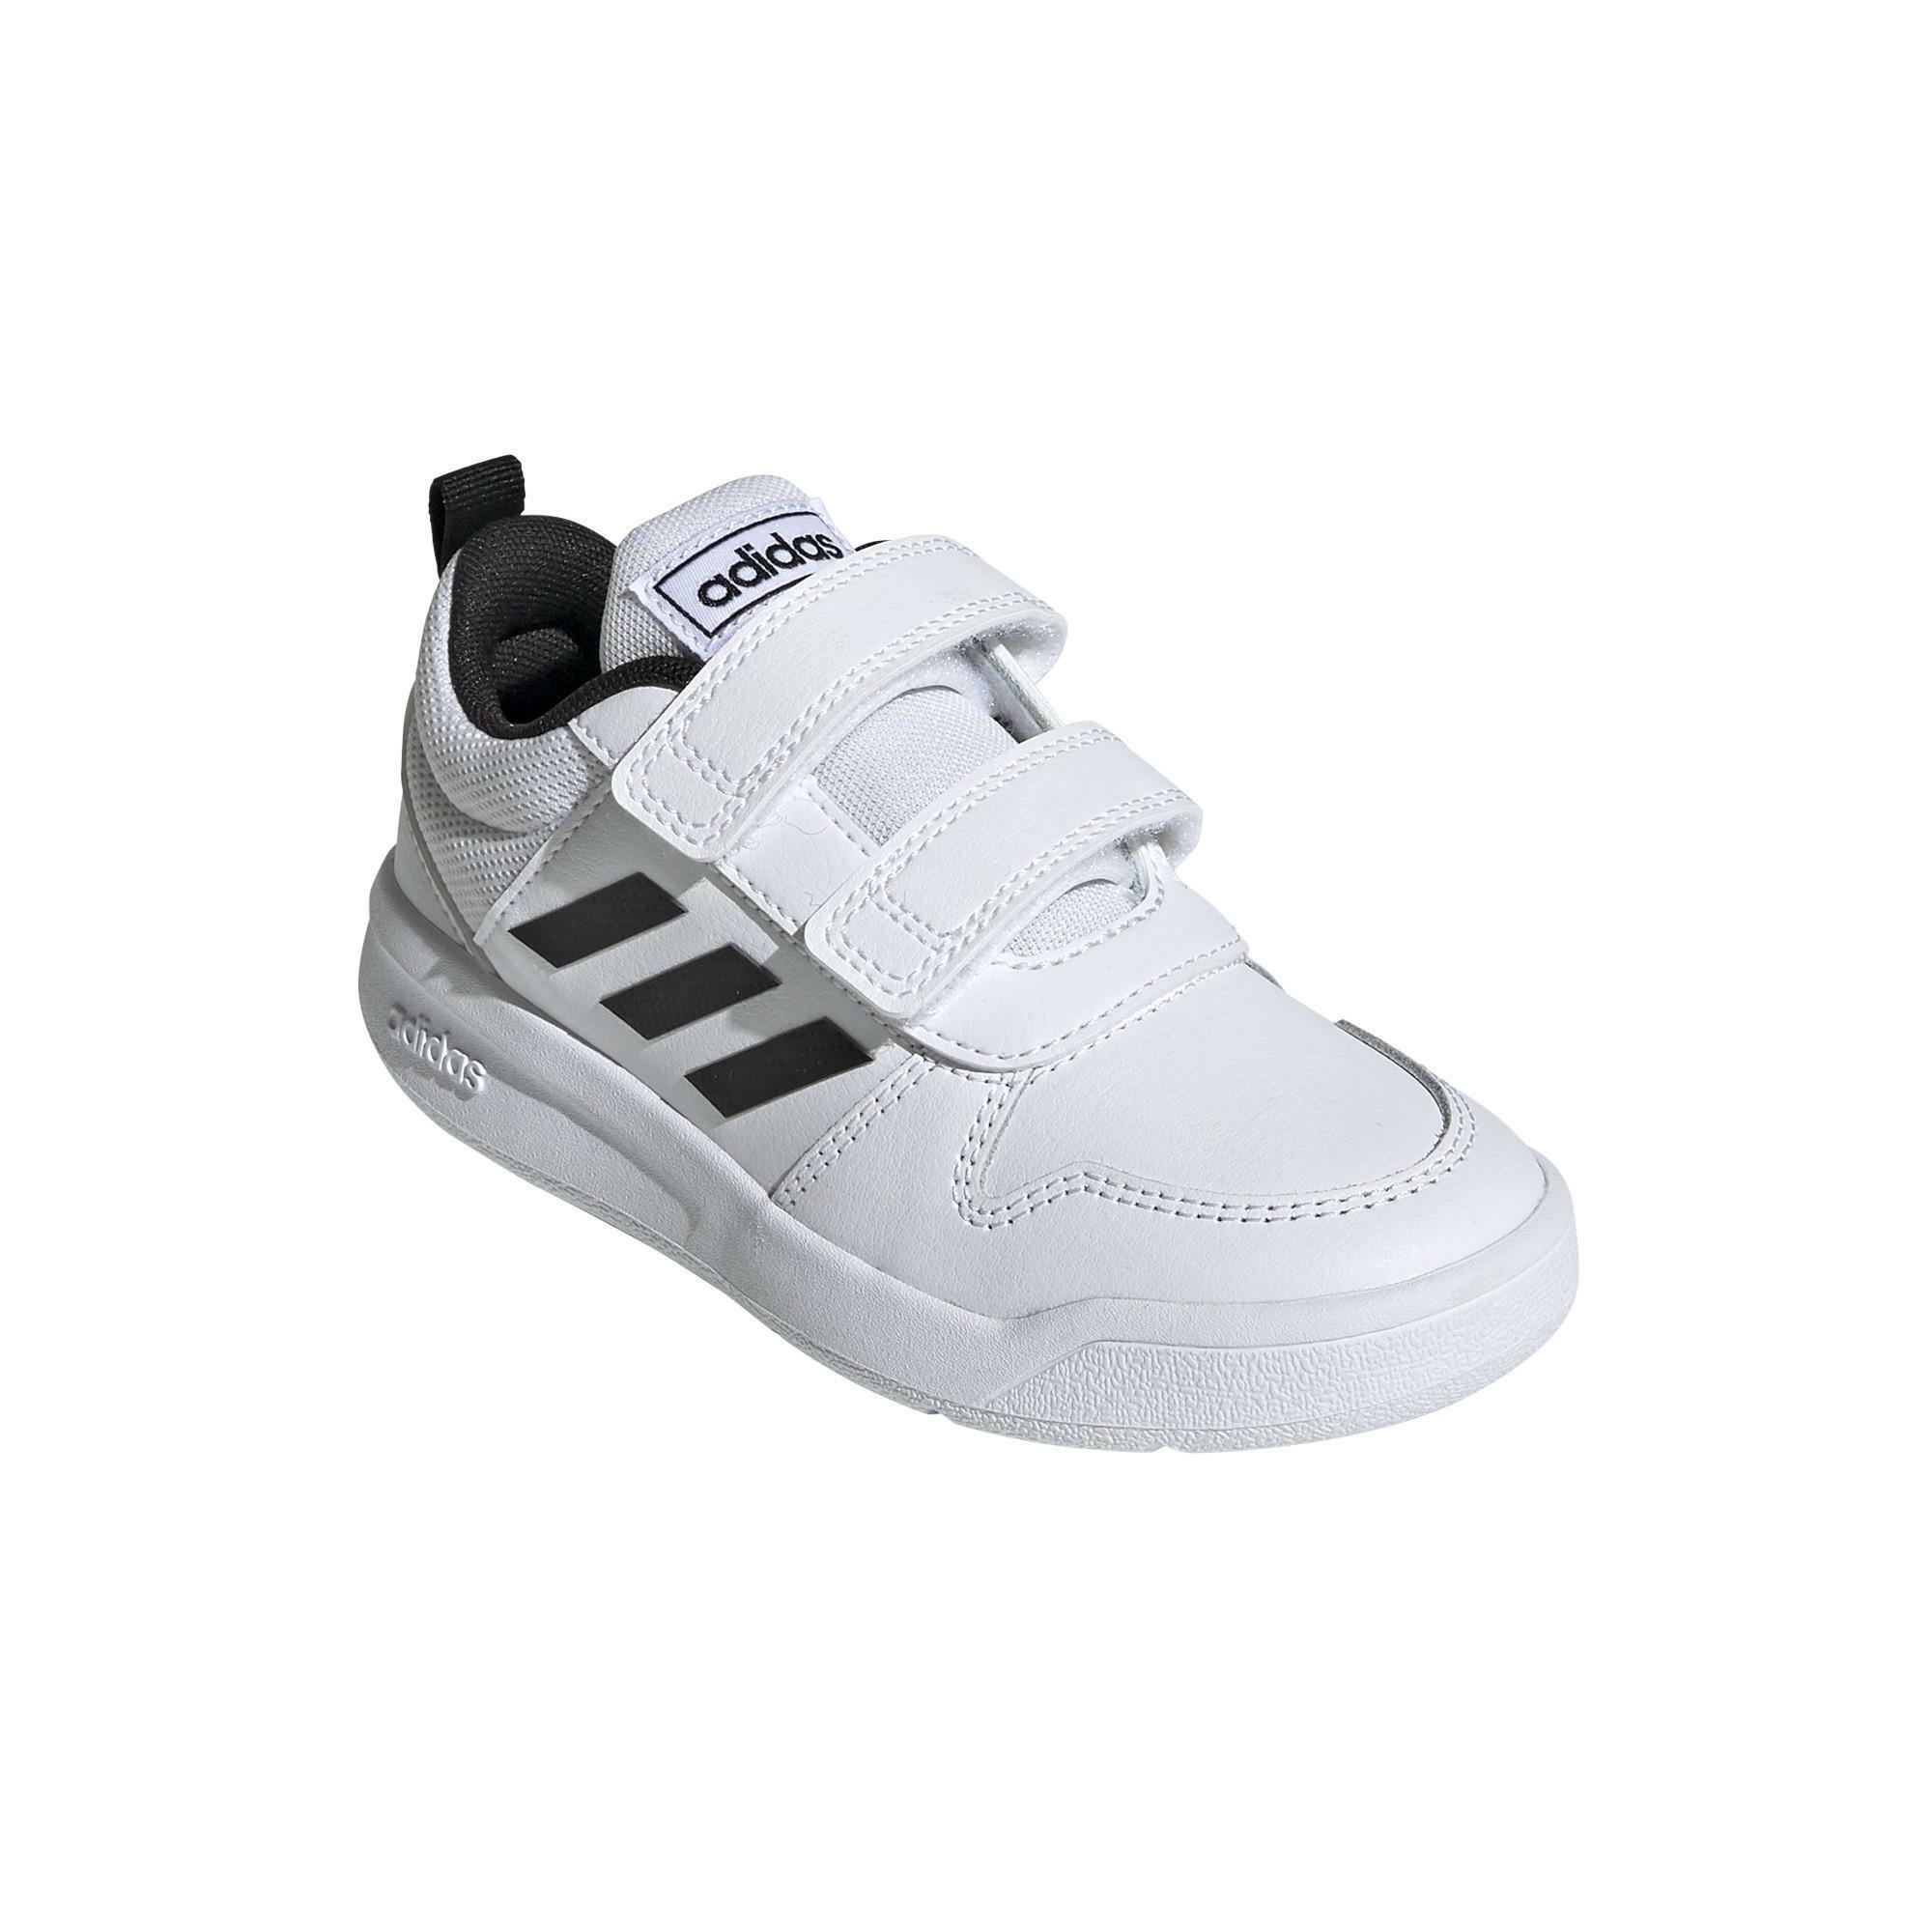 adidas tensaur c bambino stappo sportivo ef1093 bianco